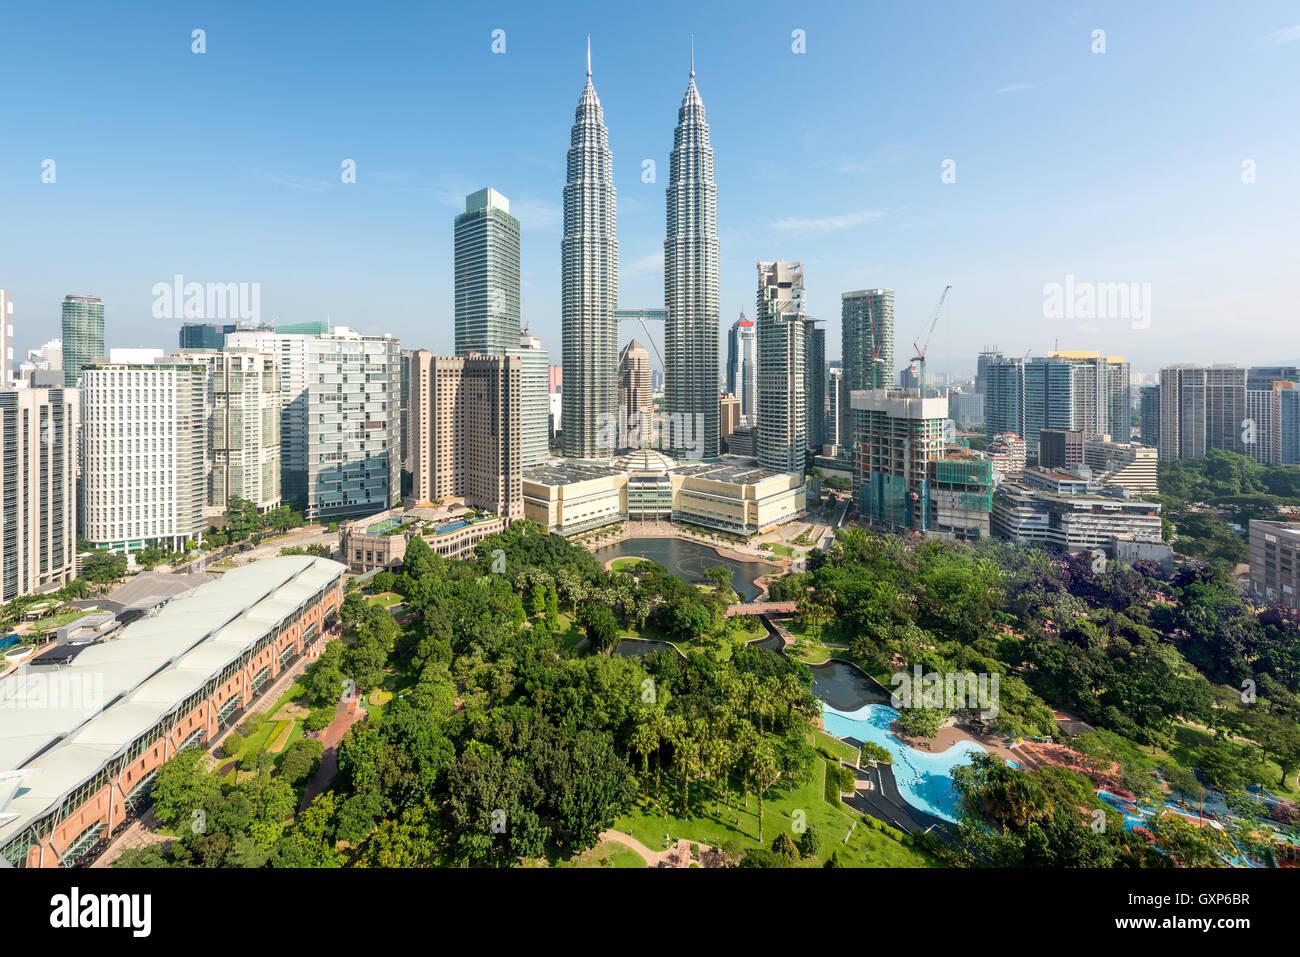 La città di Kuala Lumpur skyline e grattacieli di Kuala Lumpur in Malesia Immagini Stock